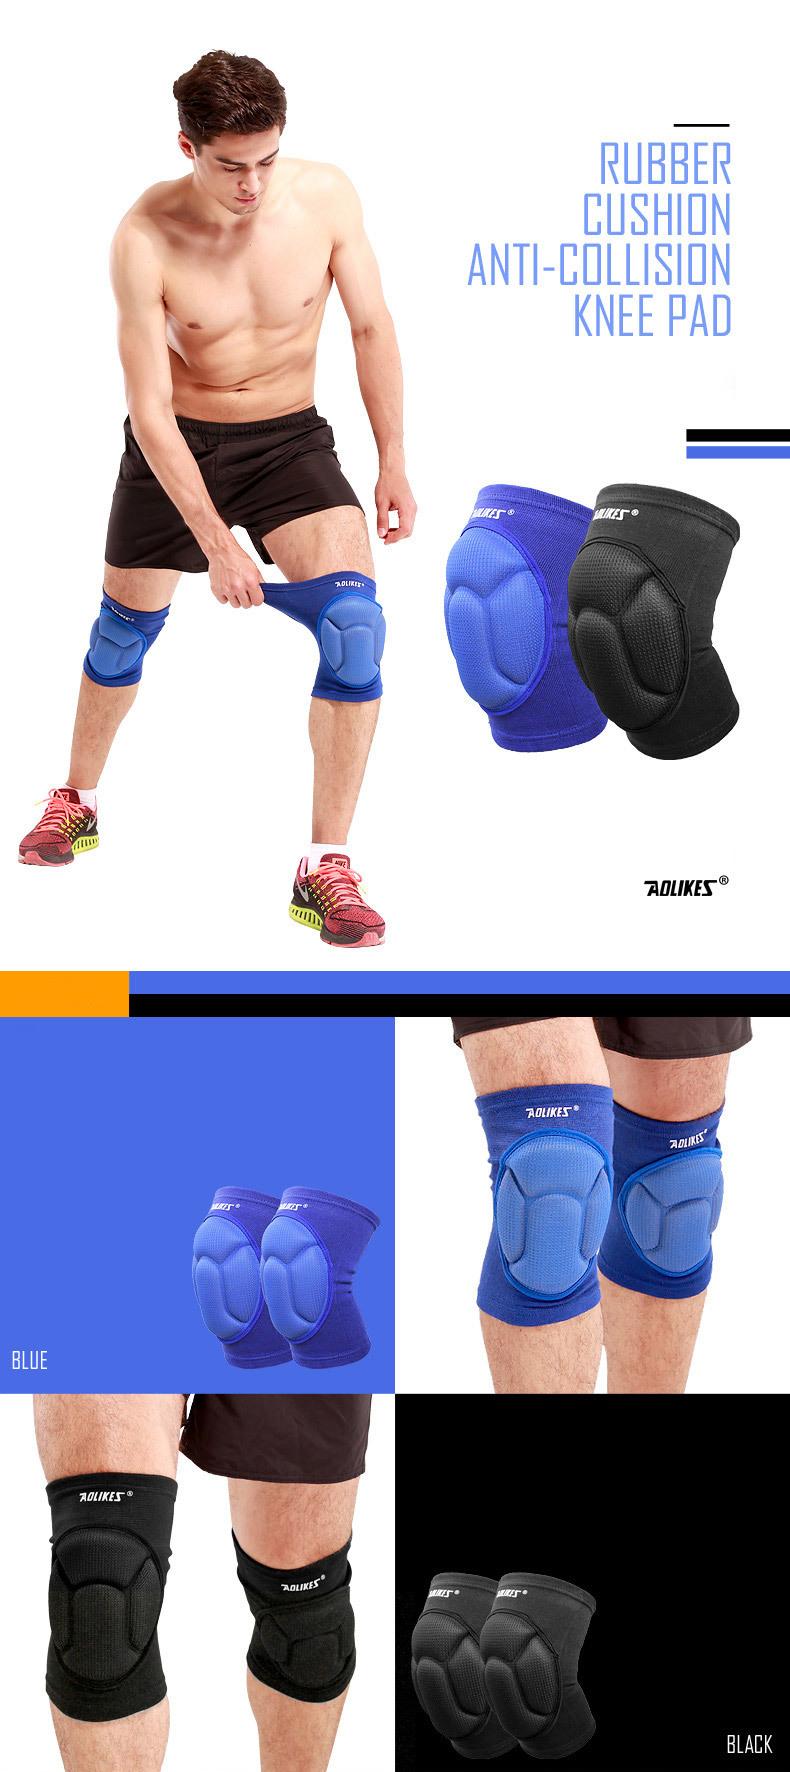 Miếng đệm hỗ trợ bảo vệ đầu gối khi đá bóng, bóng chuyền, đi xe đạp AOLIKES TC-0217